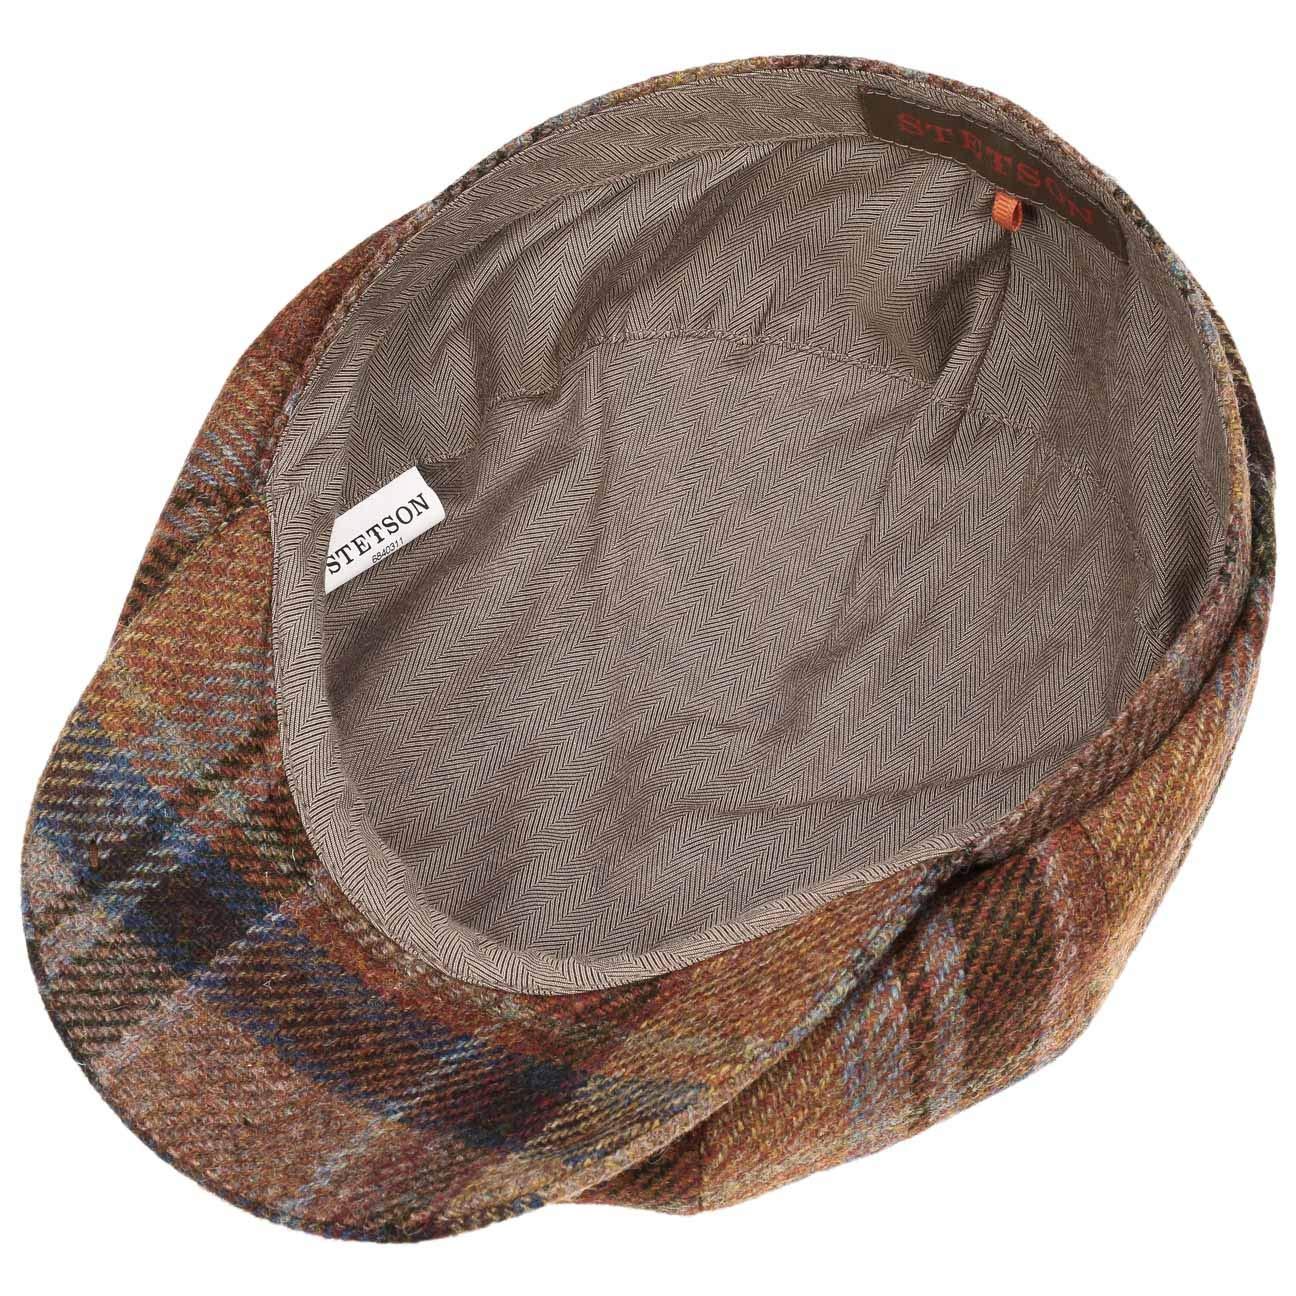 Stetson Gorra Hatteras Wool Check Hombre | Made in The EU Gorros con Visera Gorro Ivy de Invierno Visera, Forro otoño/Invierno: Amazon.es: Ropa y accesorios